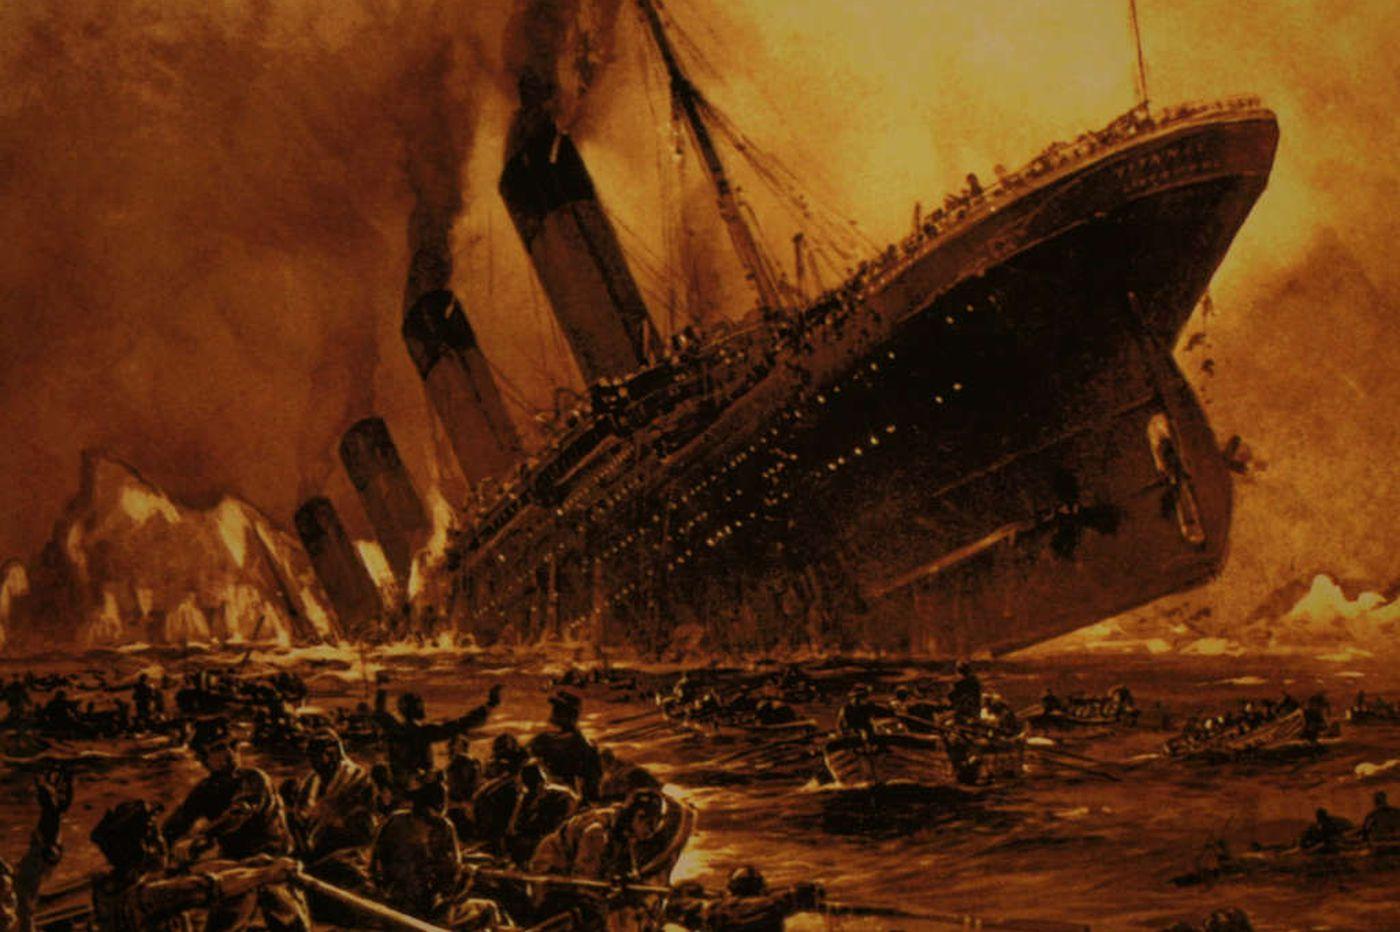 A Titanic show in an apt venue